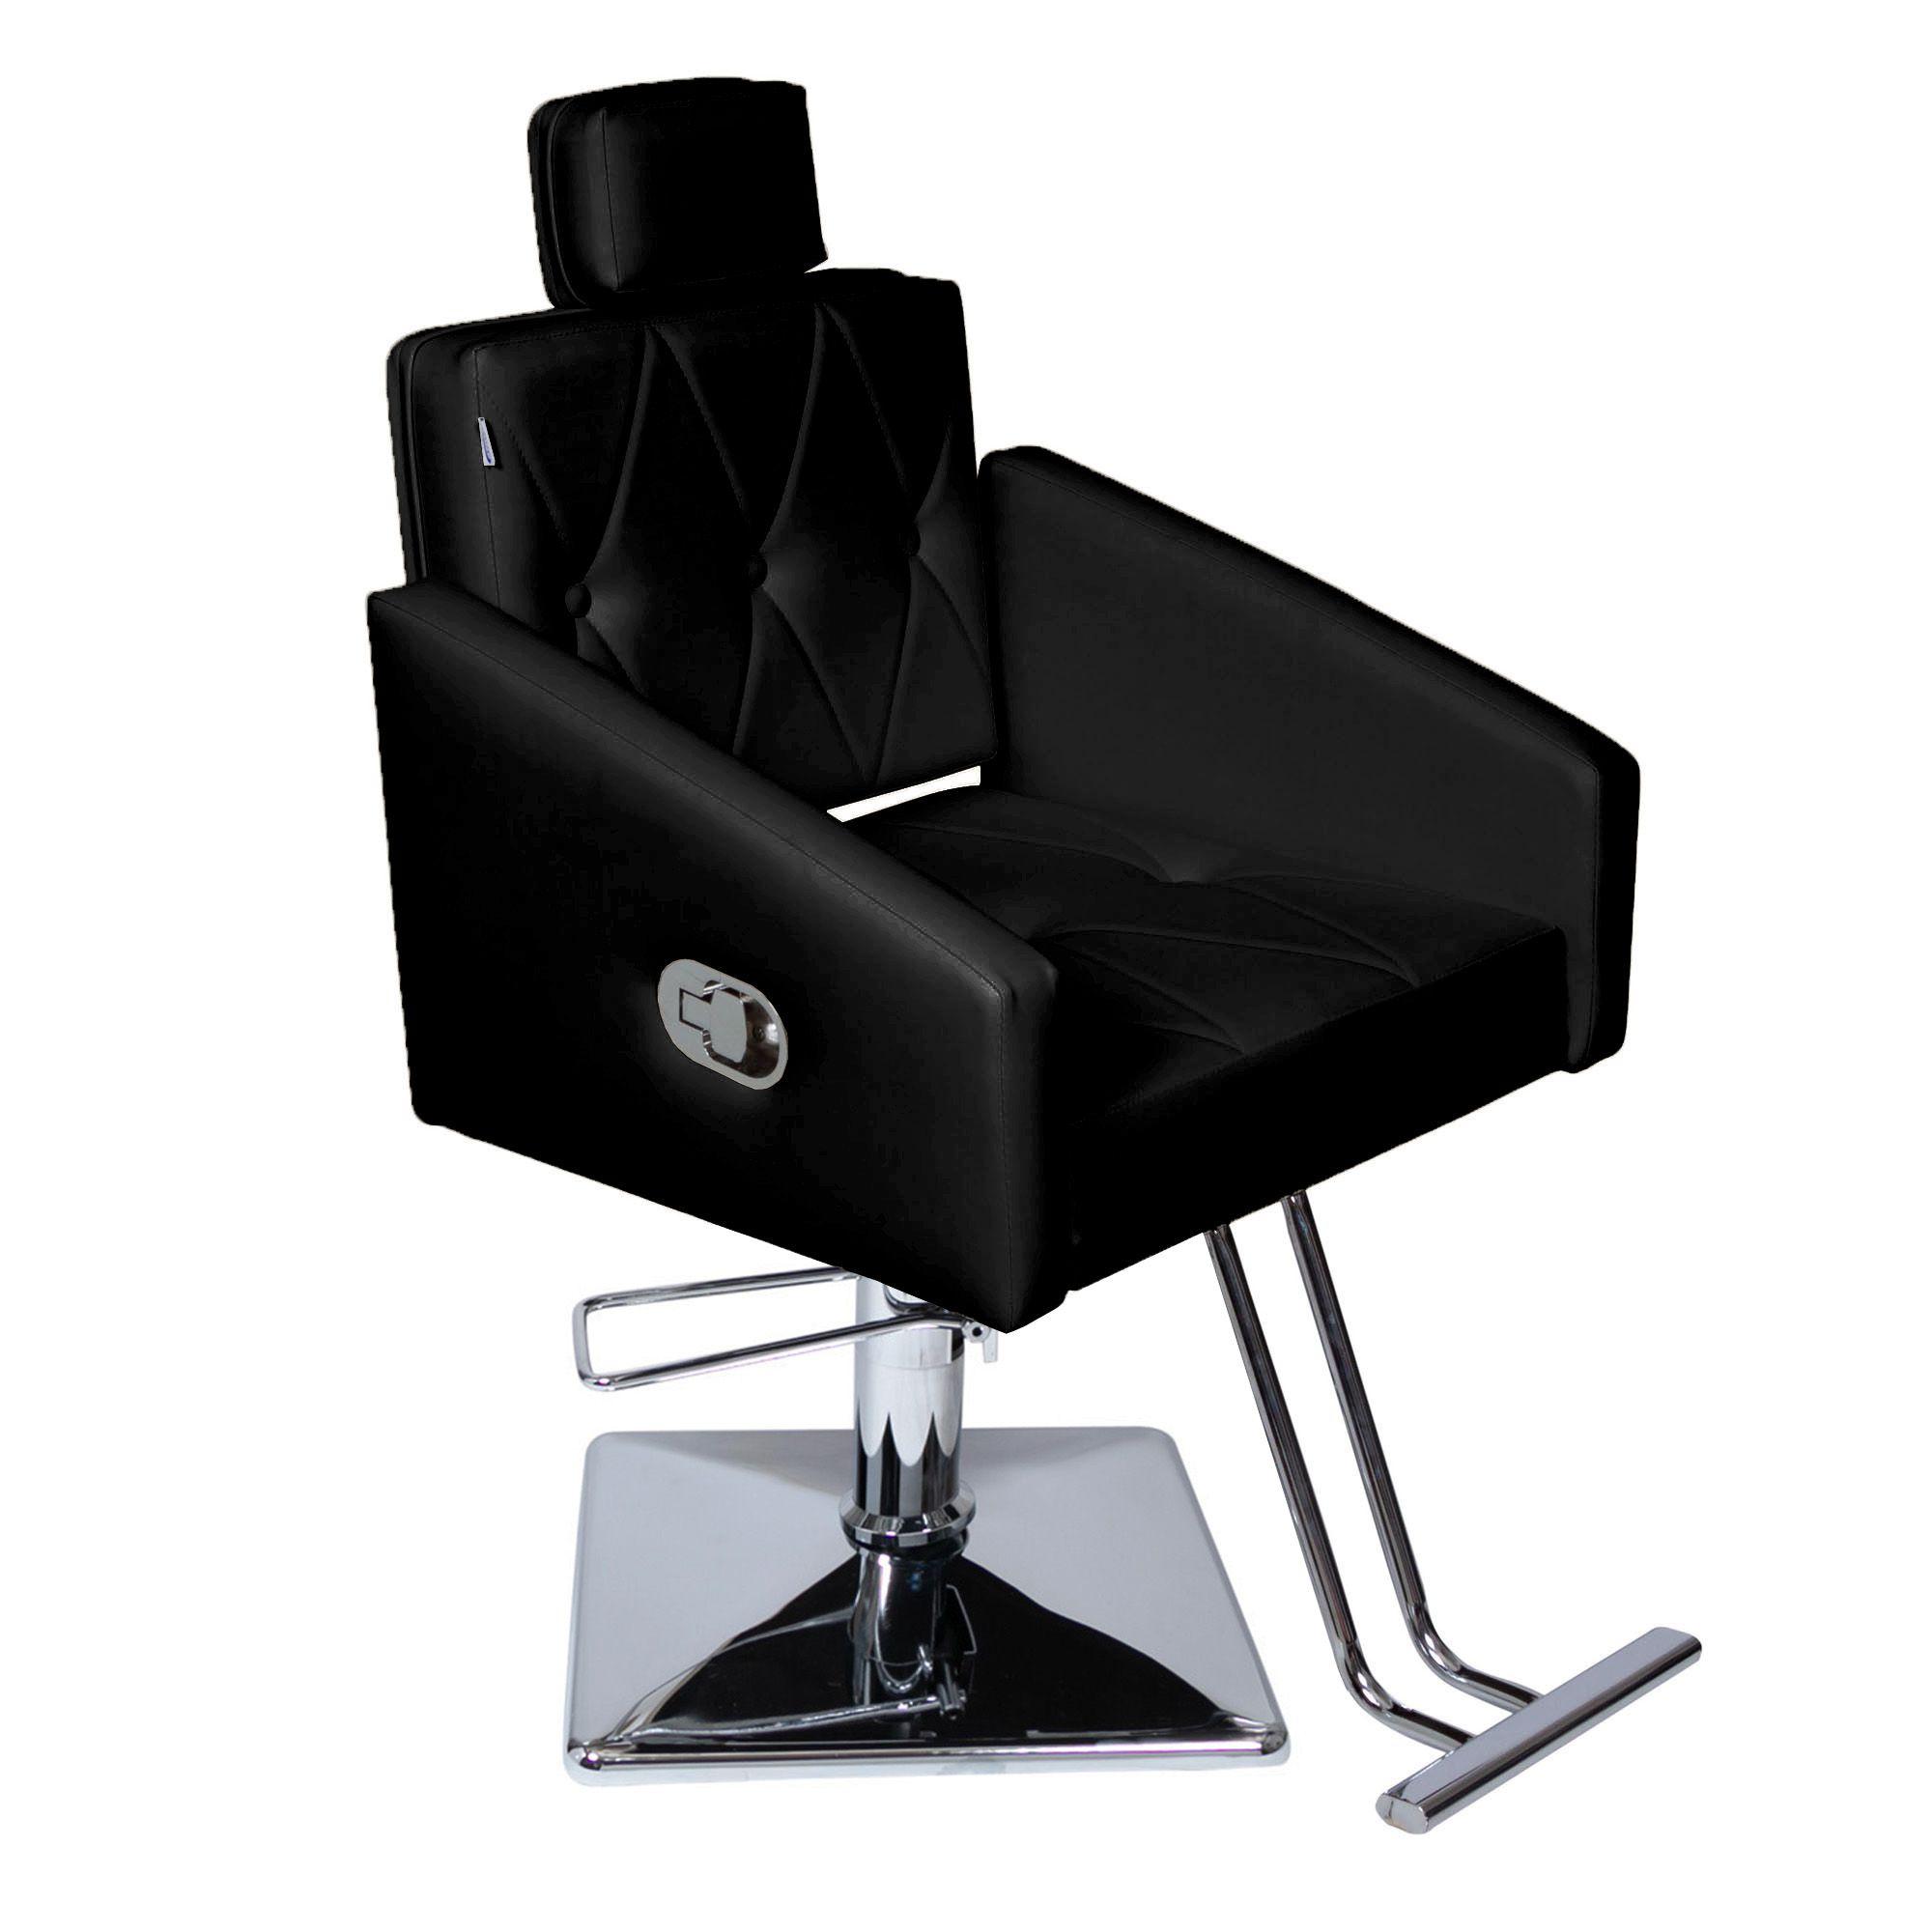 Poltrona Cadeira Hidráulica Diamante Reclinável Para Salão - Base Quadrada